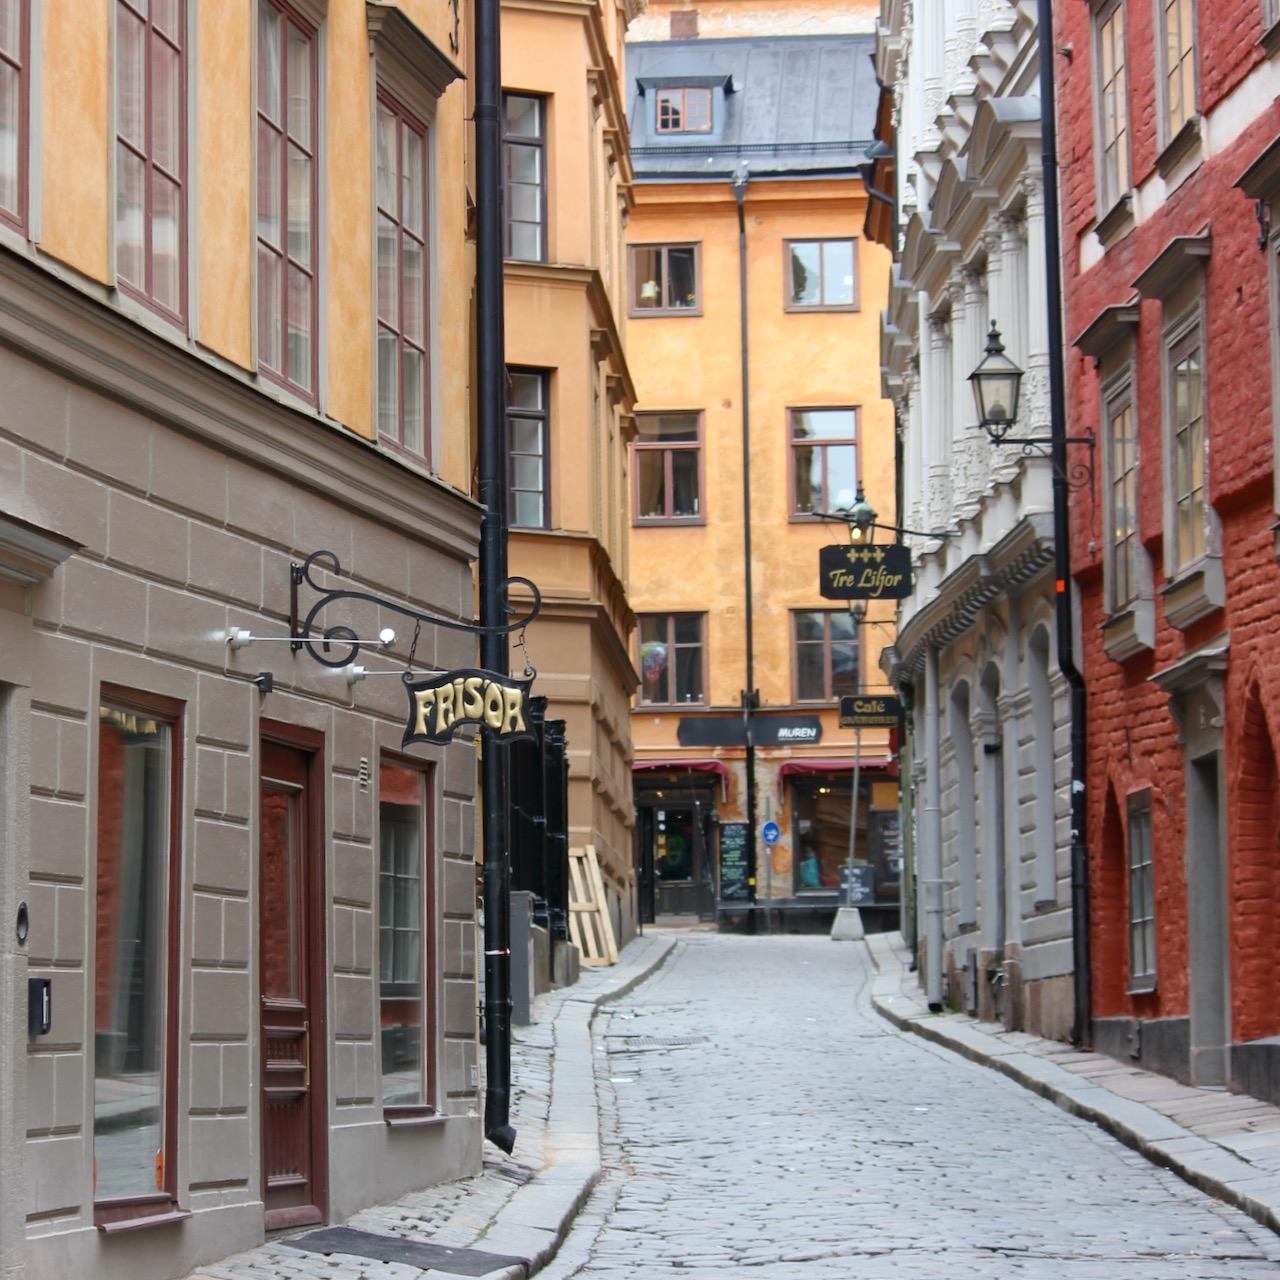 Stockholm, Sweden - 5